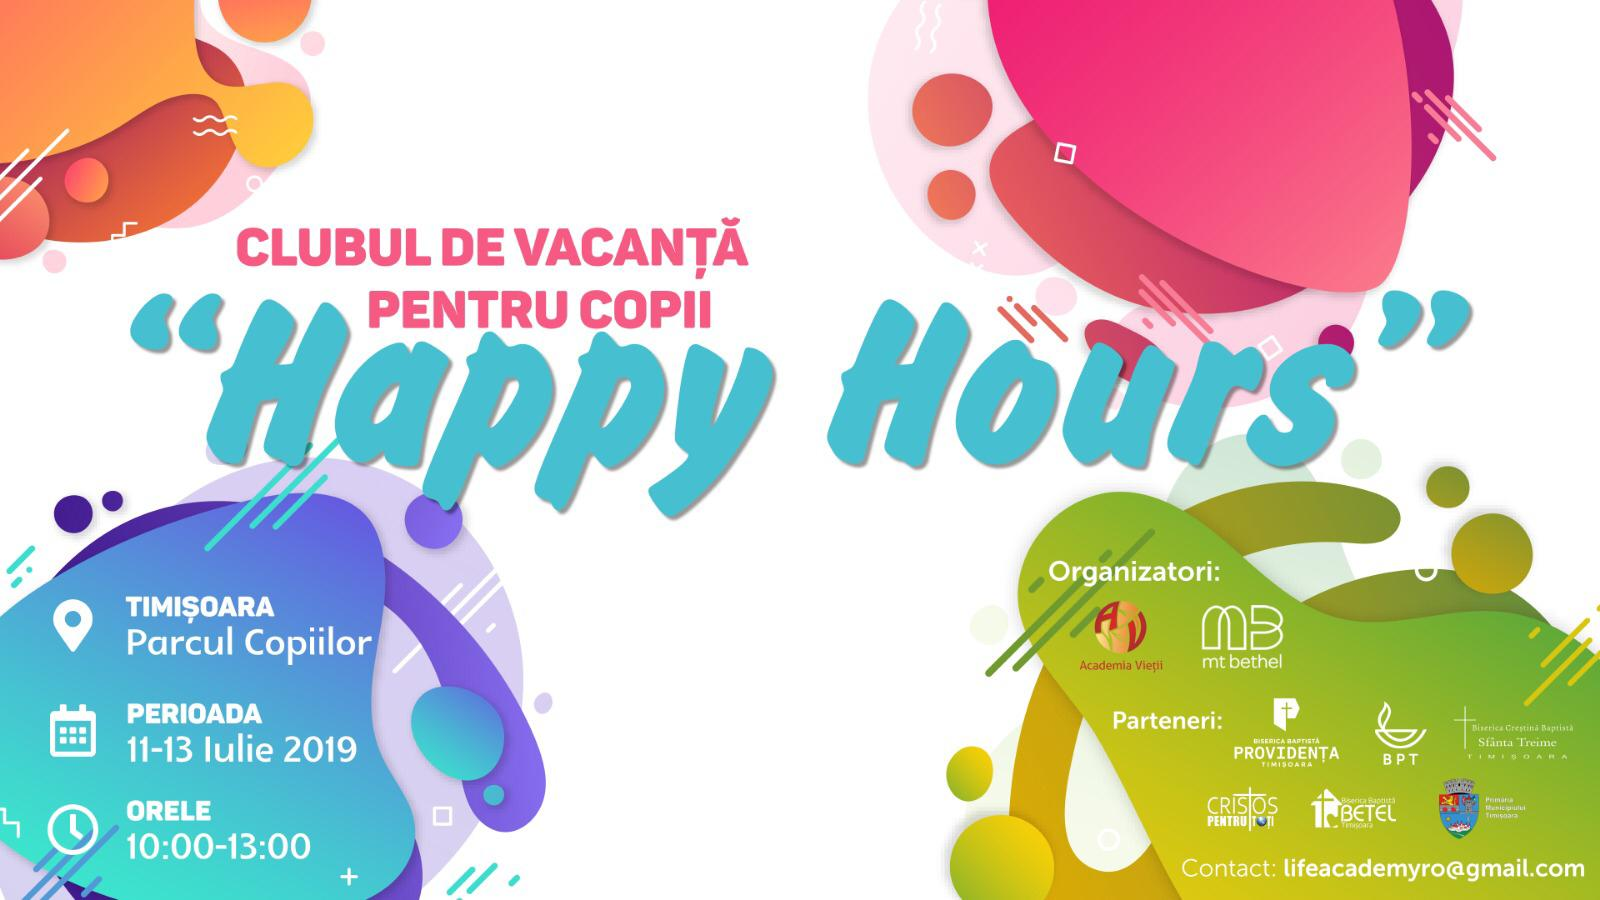 Biserica Baptistă Providența & Academia Vieții organizează un Club de vacanță pentru copii, în Parcul Copiilor din Timișoara